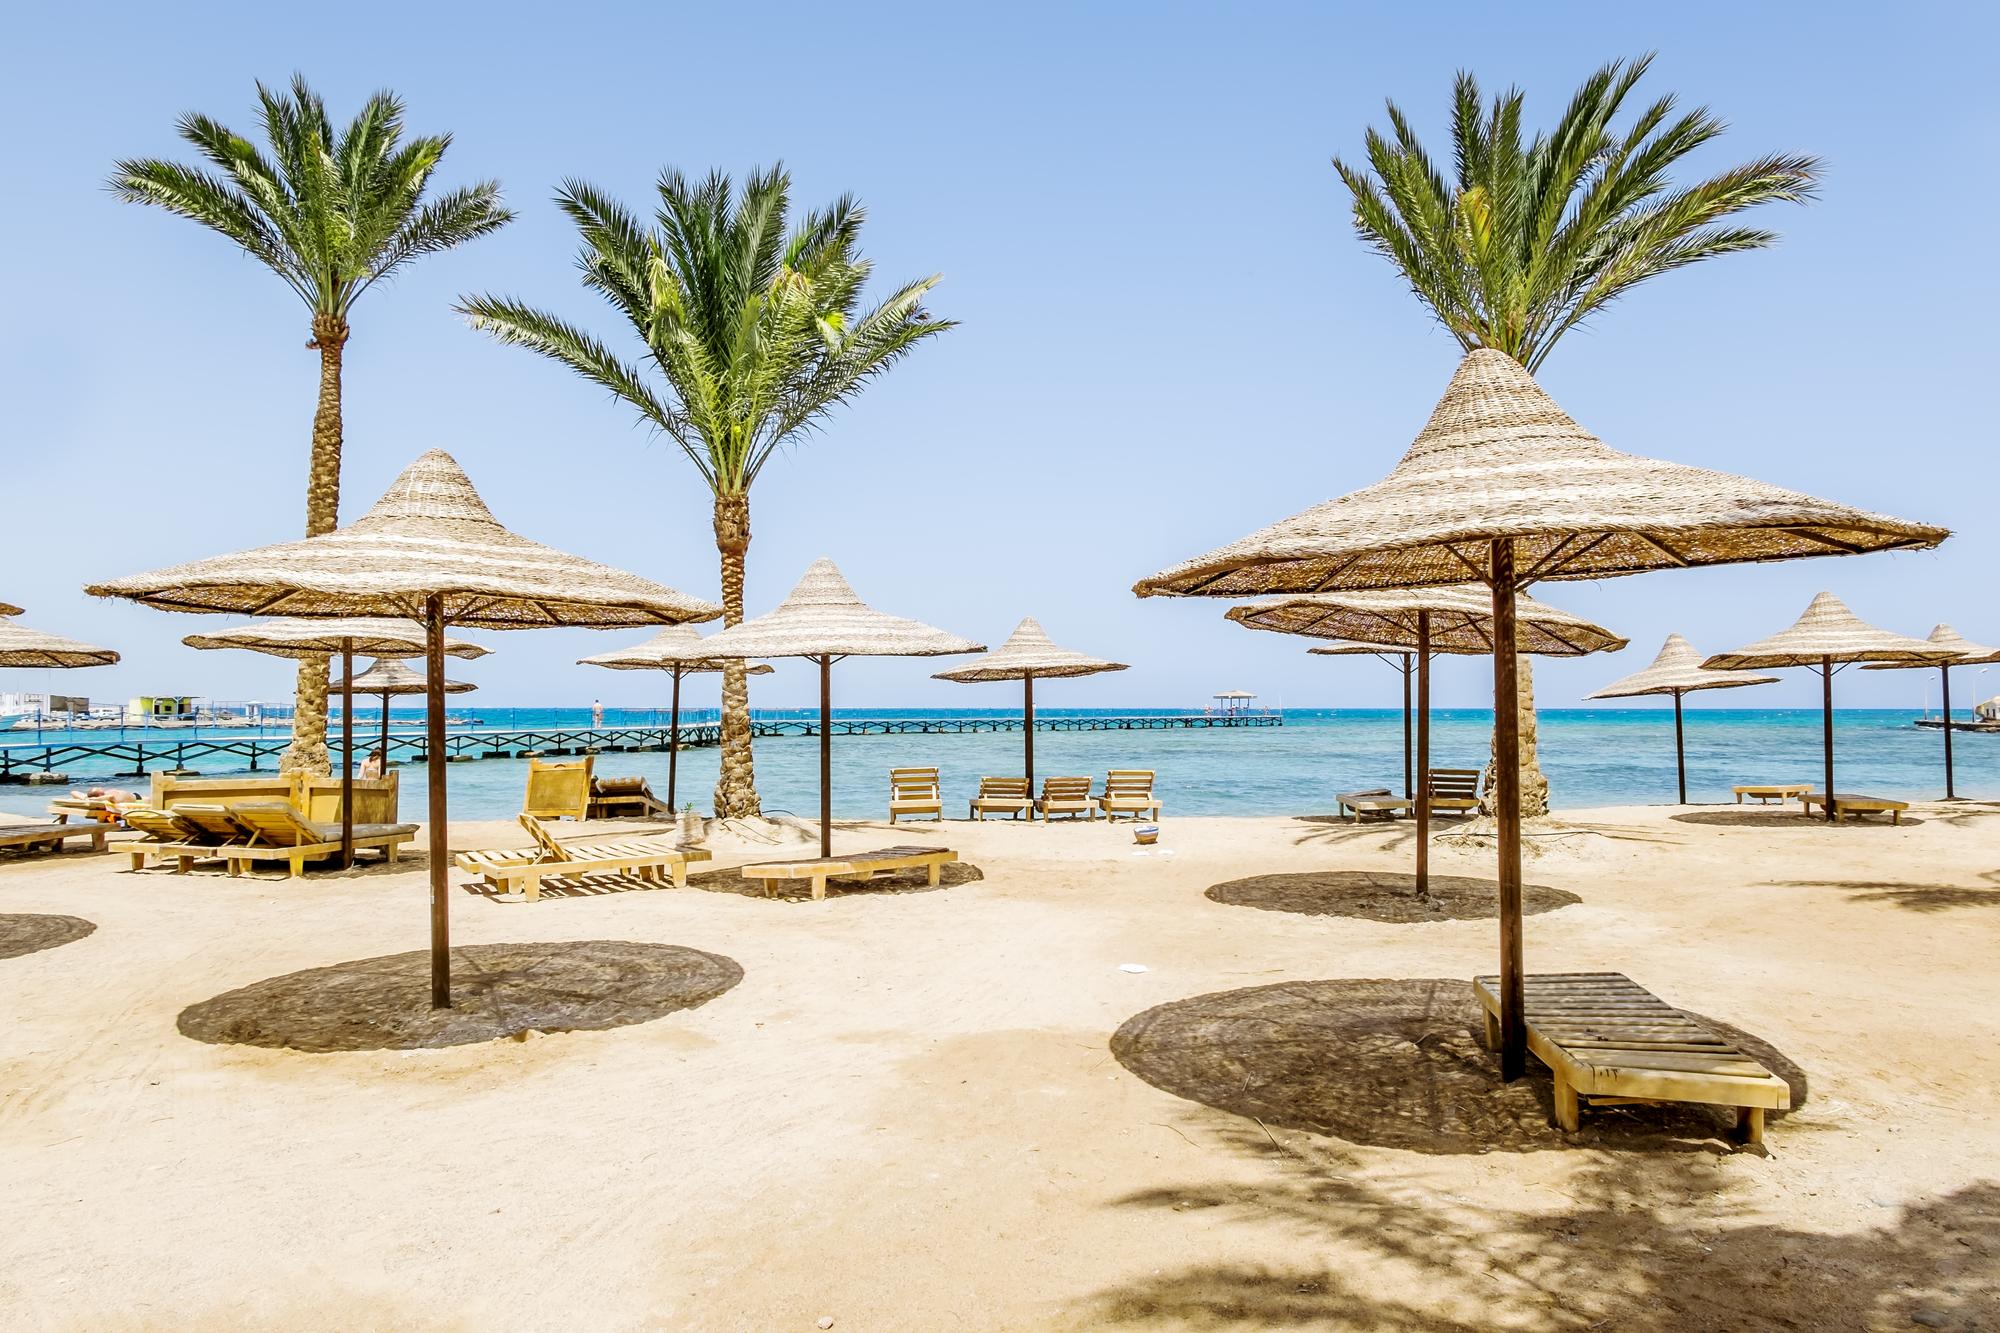 hurghada single personals Auch single frauen wurden sehr belästigt von den  fremdsprachenkenntnisse des personals 2,0  die 5 preisknüller hotels der saison beliebteste hotels hurghada.